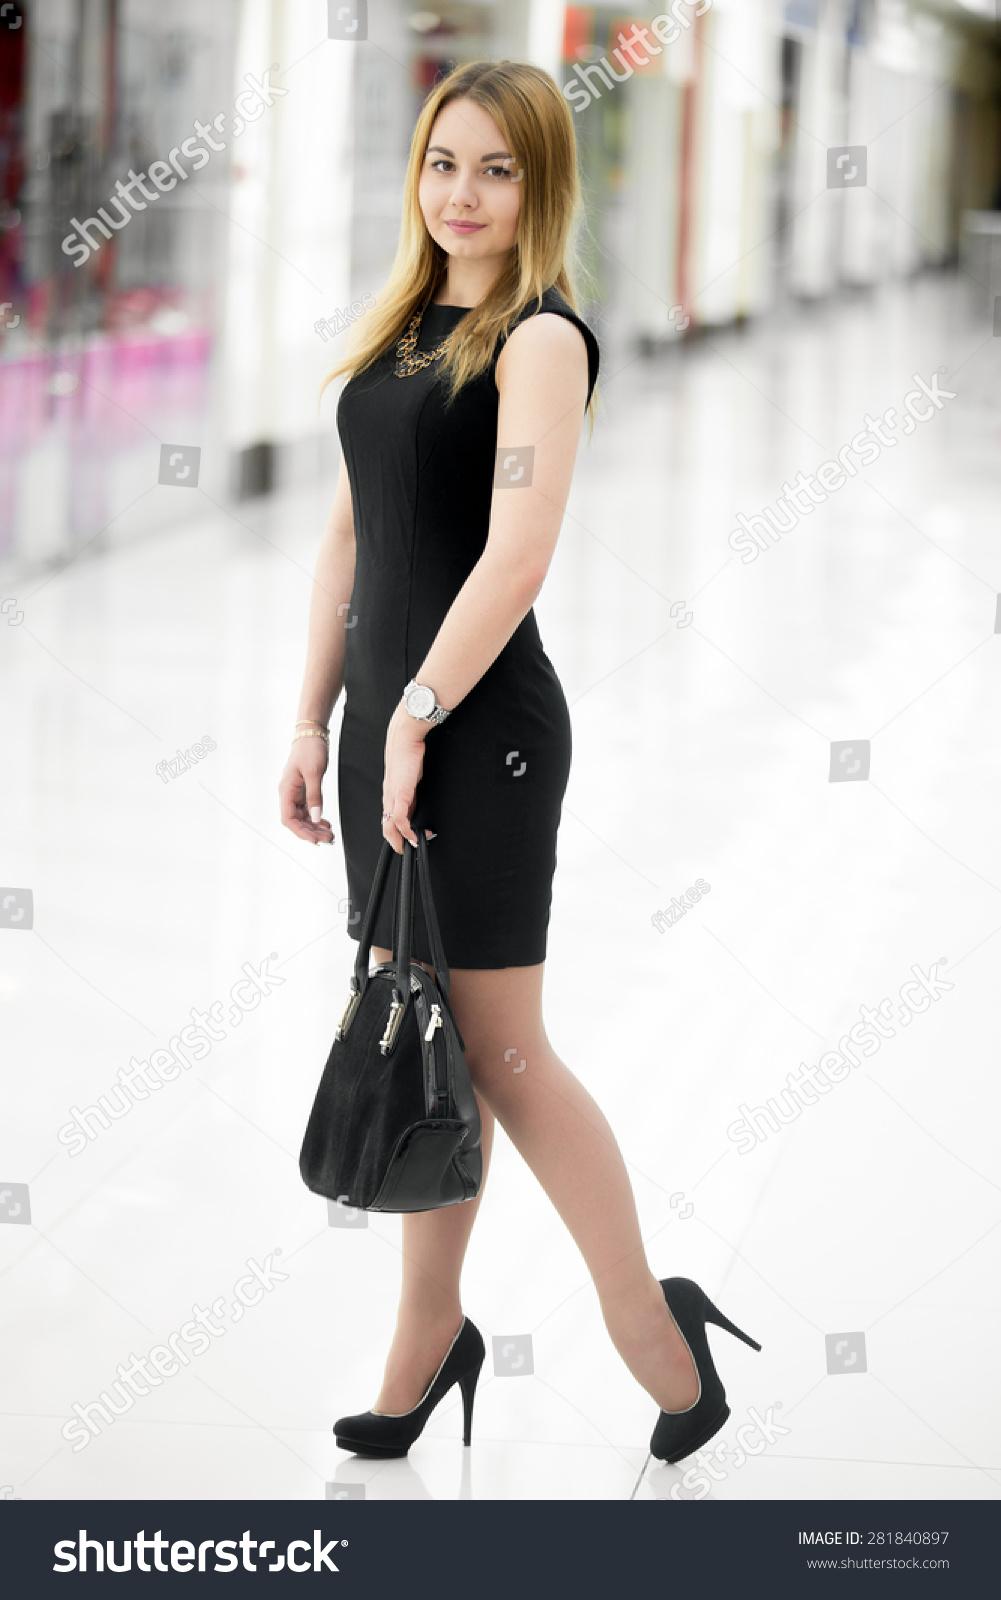 Women In High Heel Shoes